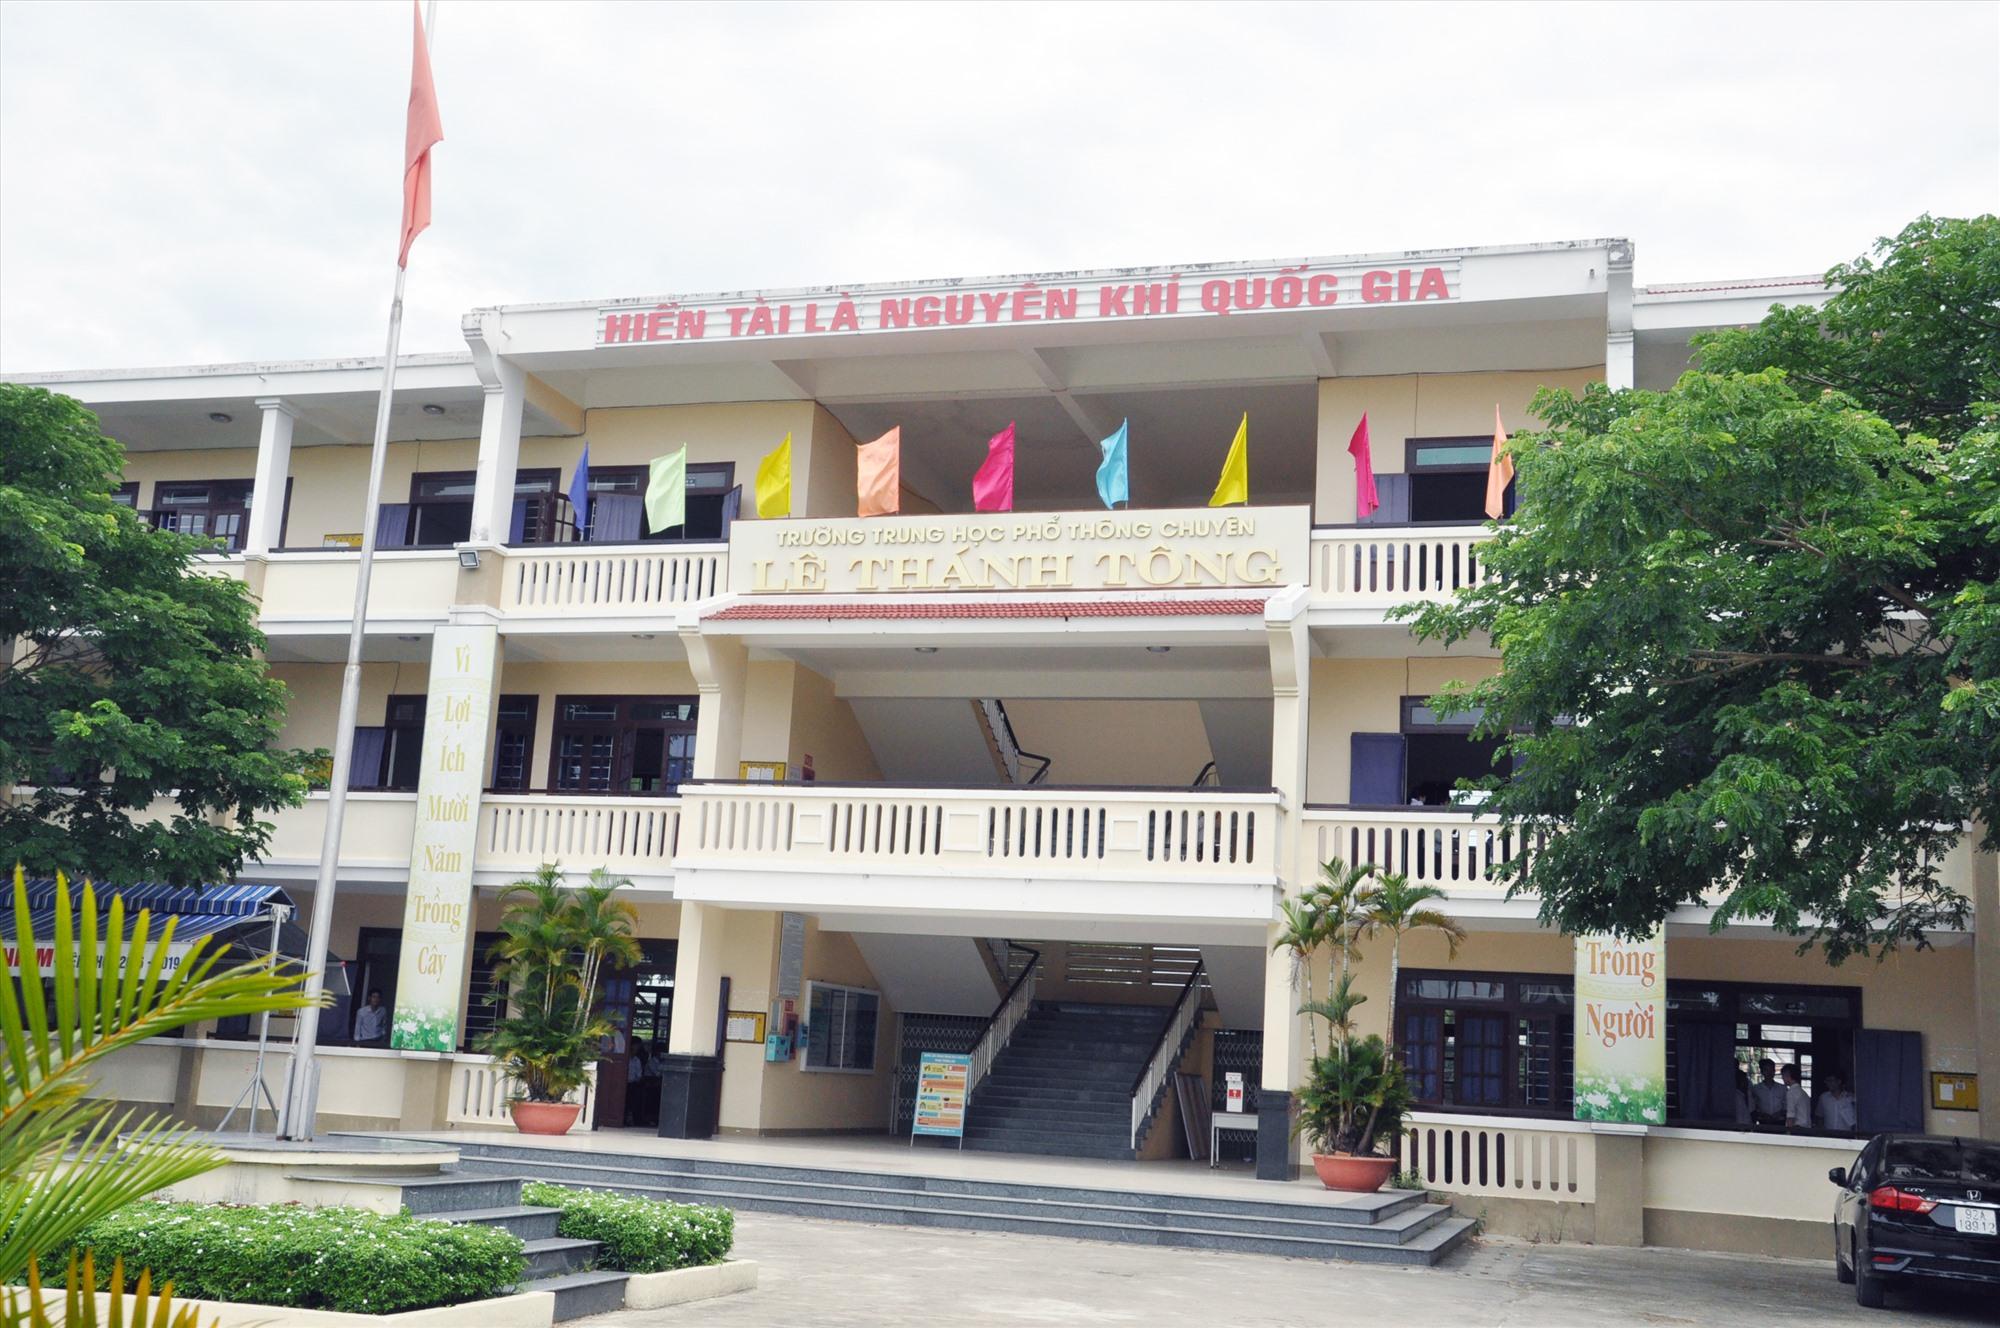 Trường THPT chuyên Lê Thánh Tông nhiều năm qua chất lượng tăng lên đáng kể, nhất là thành tích tại các kỳ thi HS giỏi. Ảnh: X.P